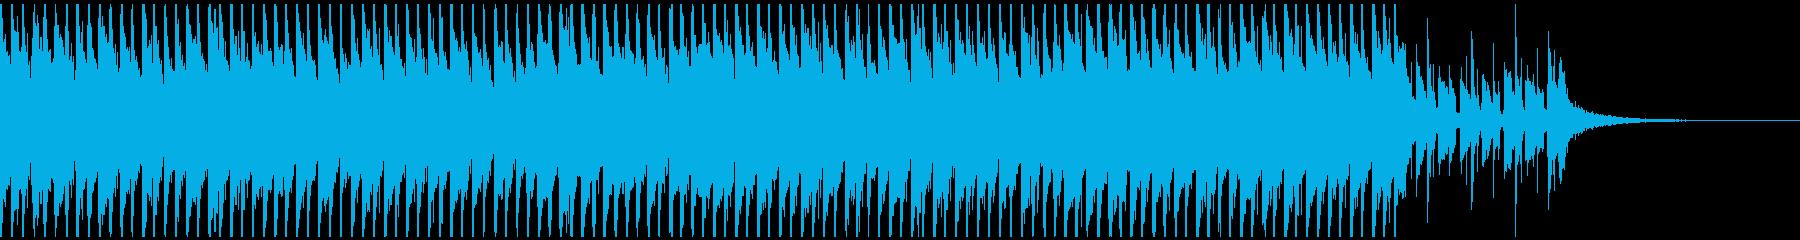 ハッピー・アップリフティング(ショート)の再生済みの波形